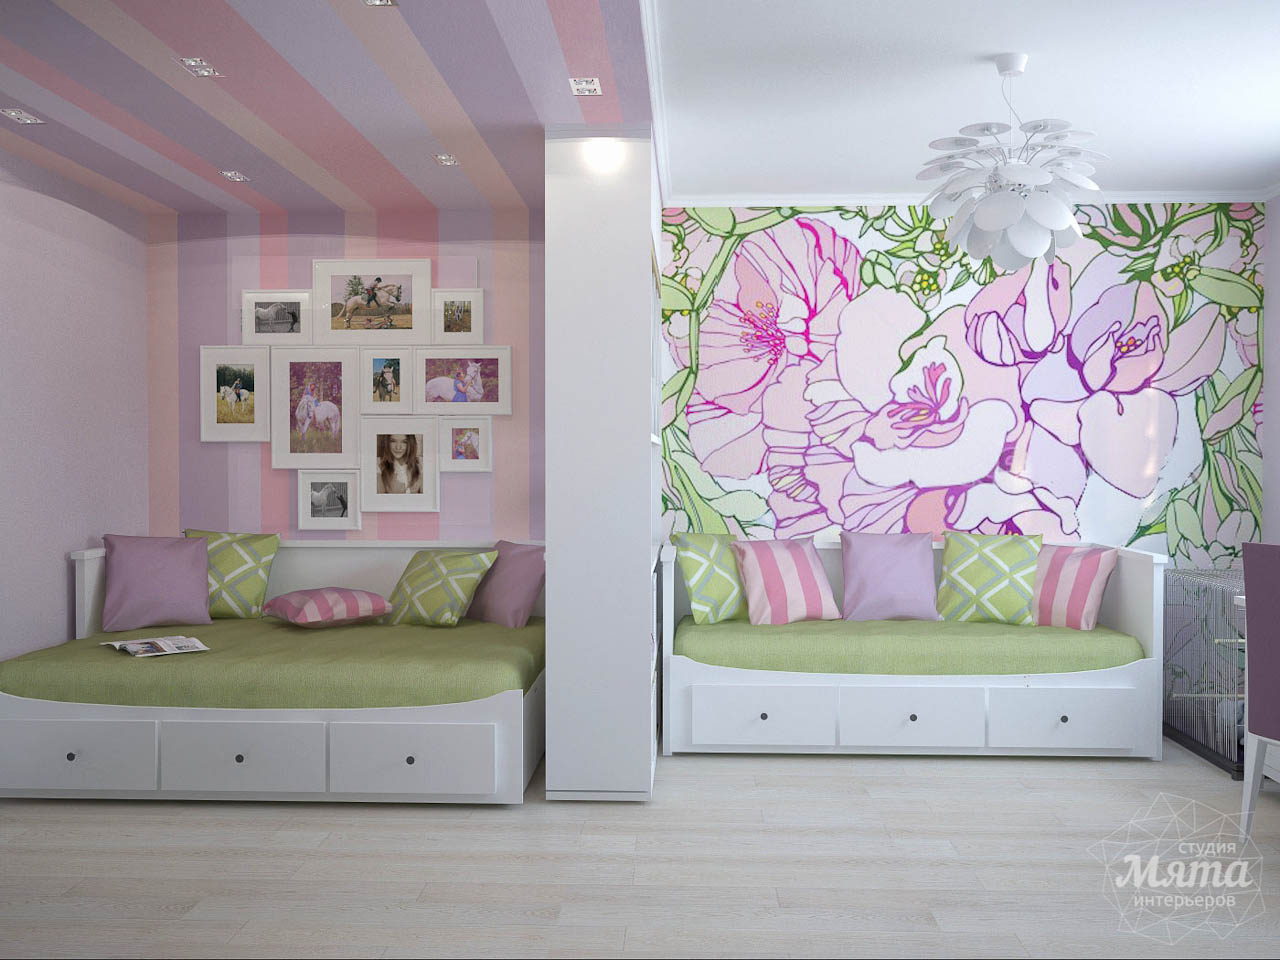 Дизайн интерьера и ремонт трехкомнатной квартиры по ул. Фучика 9 img1214028123